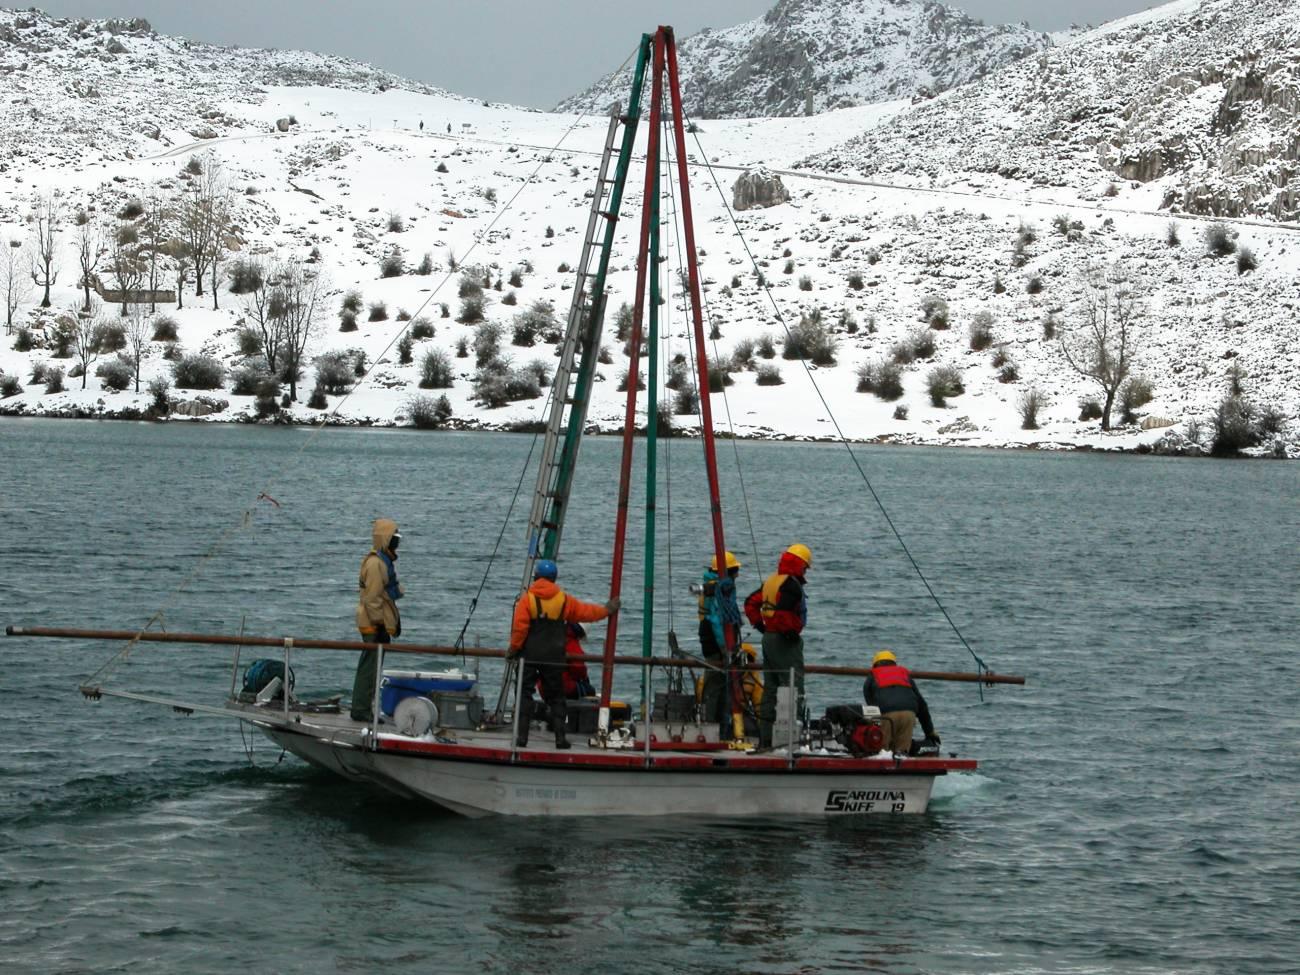 Campaña de investigación en el lago Enol. Imagen: Ana Moreno et al./IPE(CSIC)